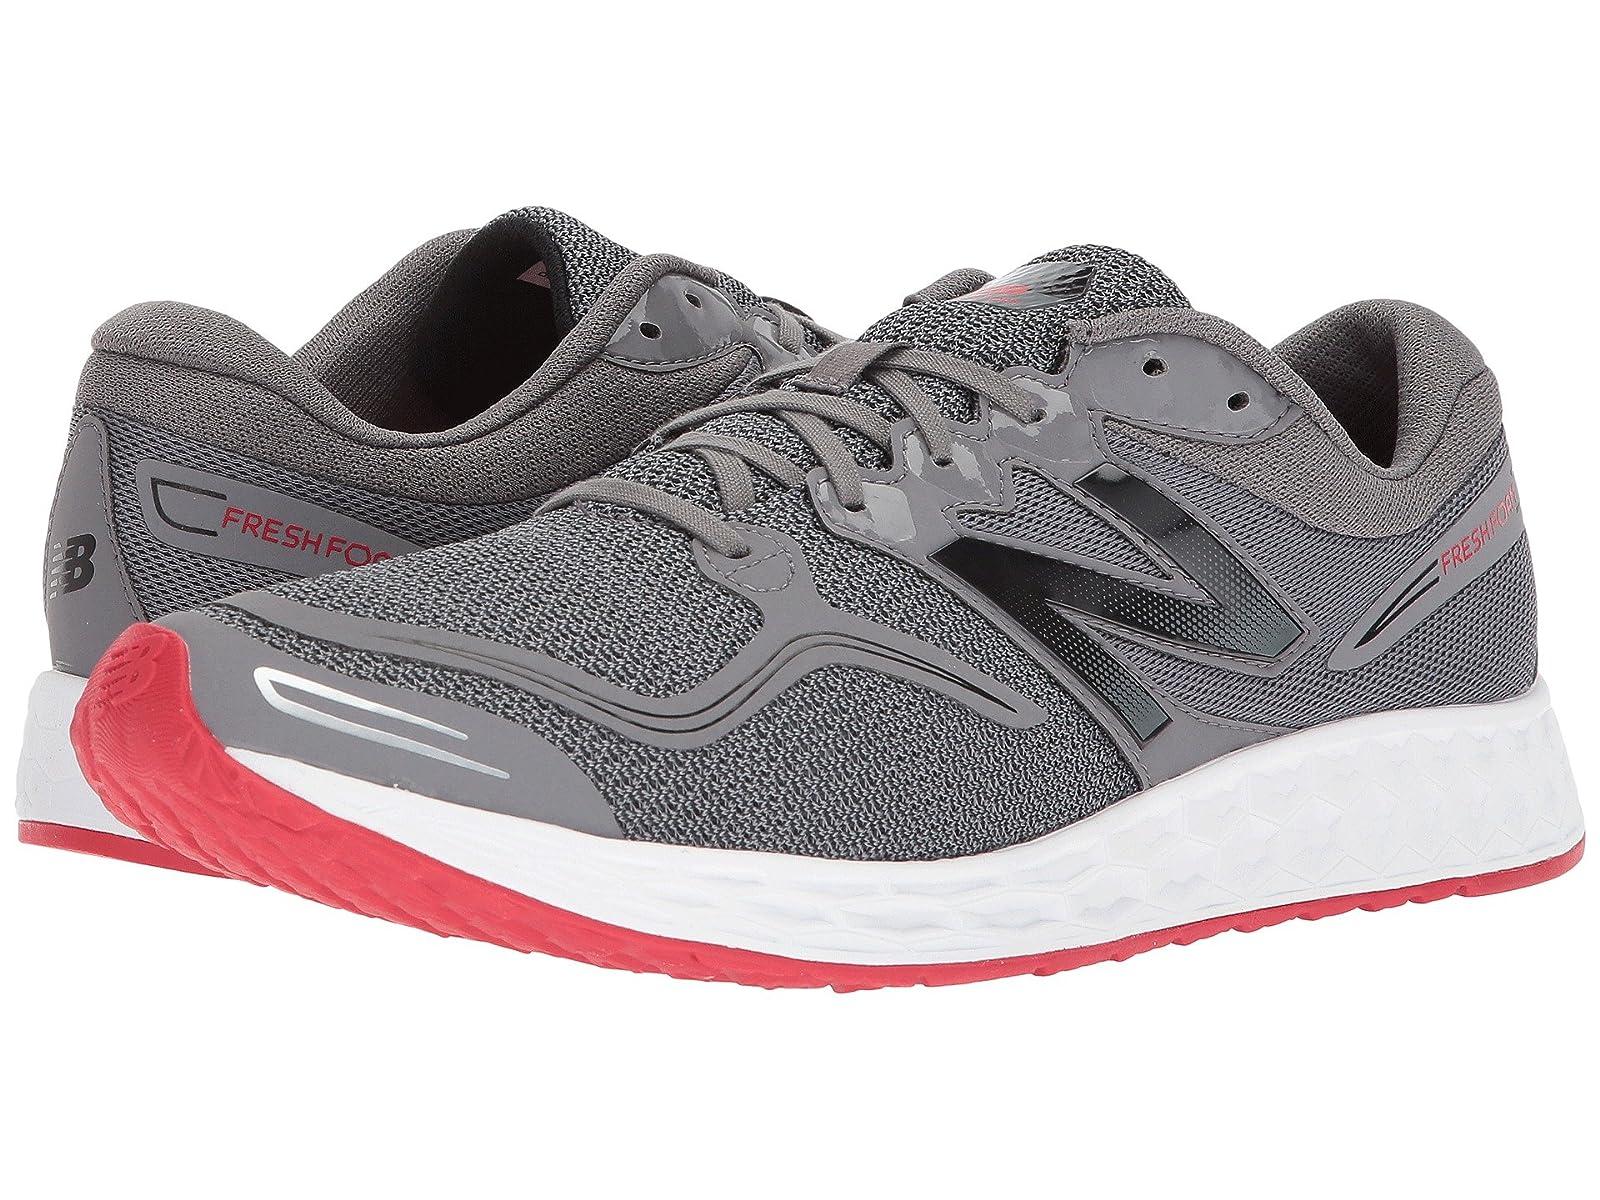 New Balance Veniz v1Atmospheric grades have affordable shoes